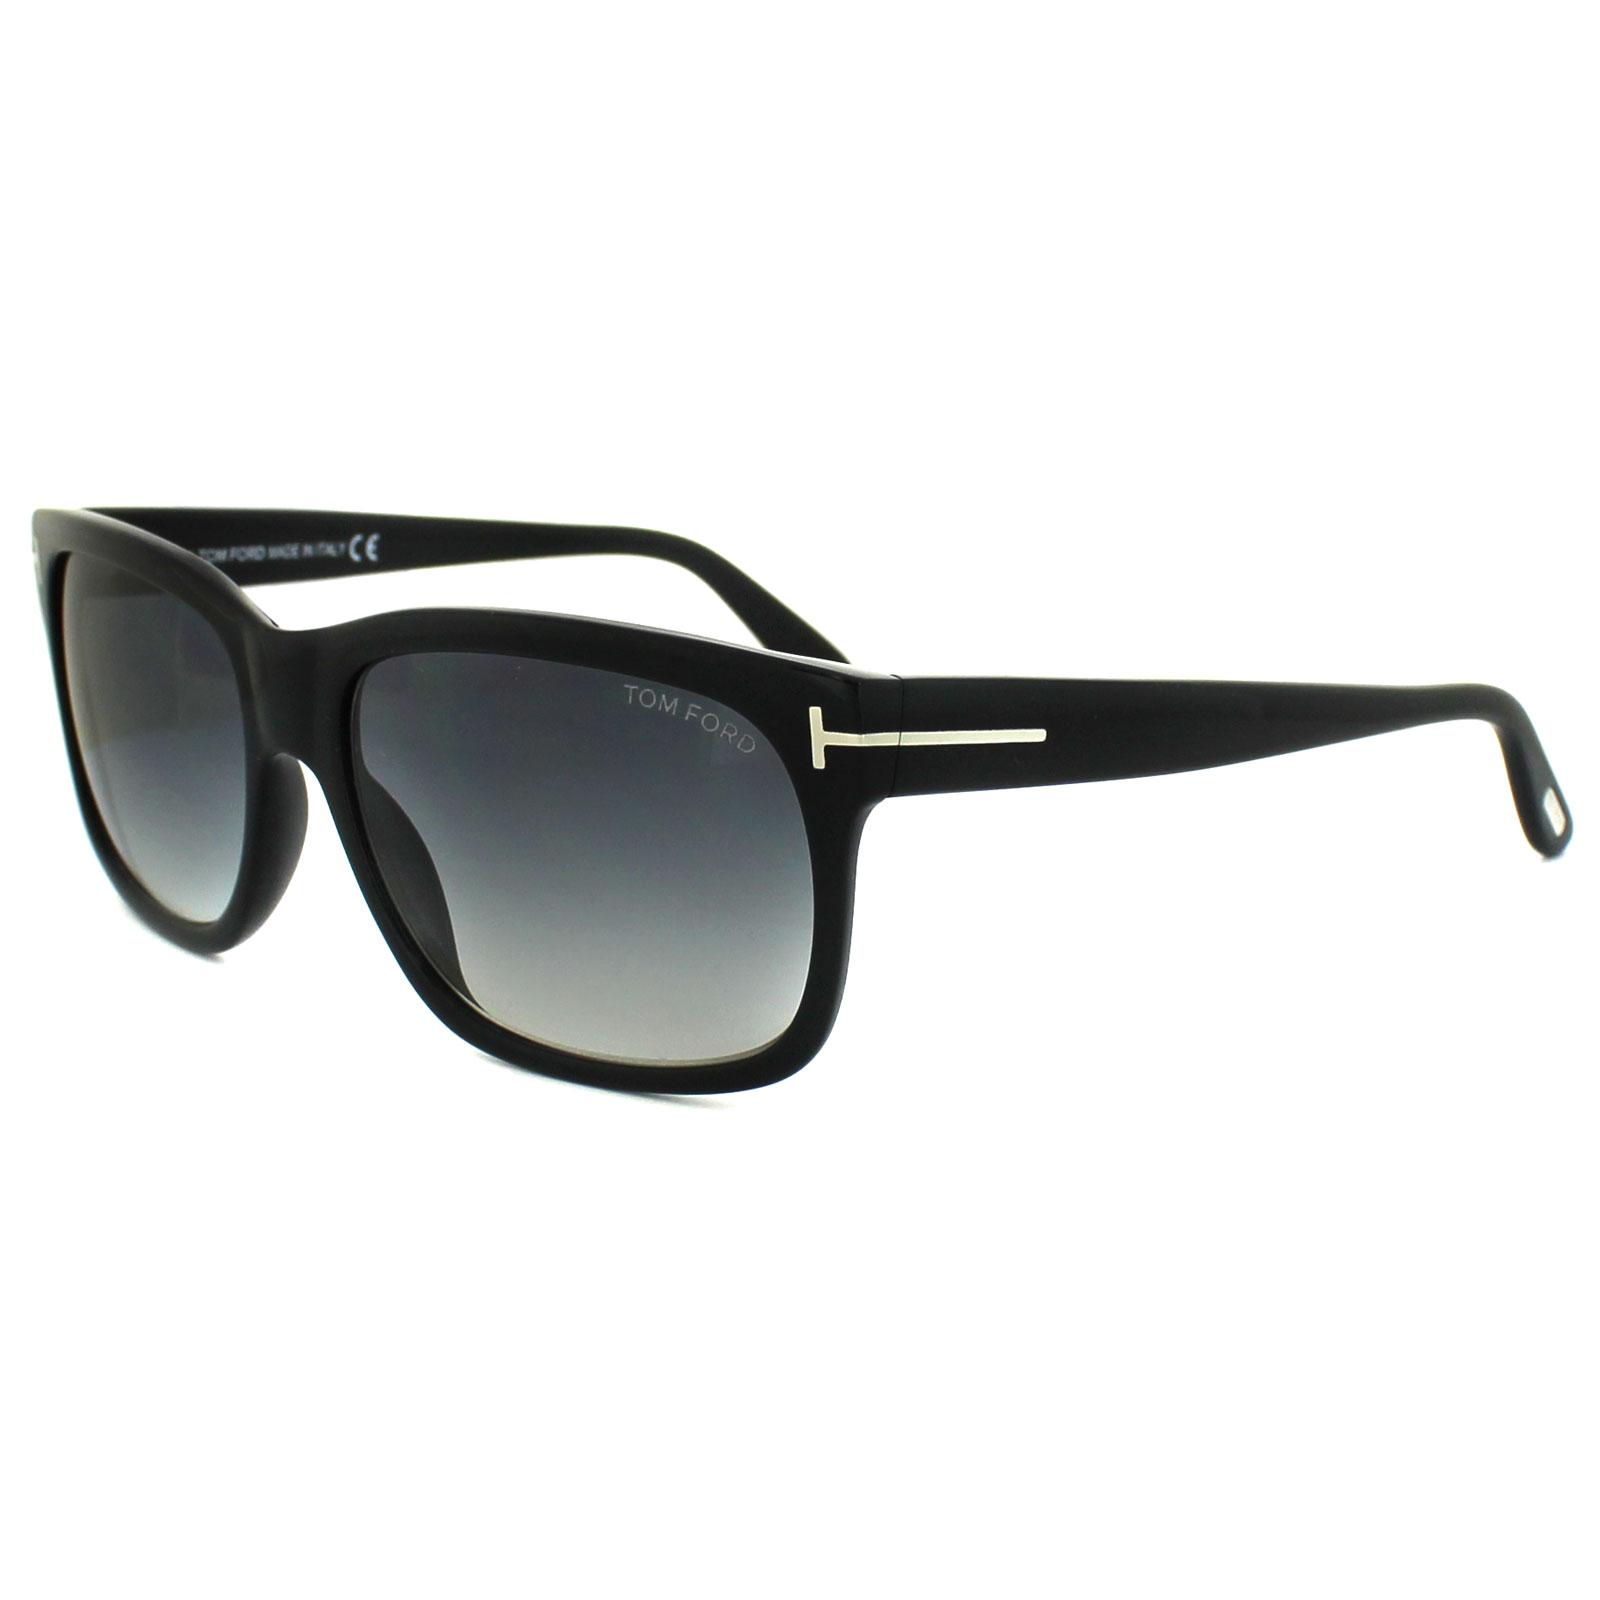 039d07cf76b9b Sentinel Tom Ford Sunglasses 0376 Barbara 02N Matt Black Blue Gradient